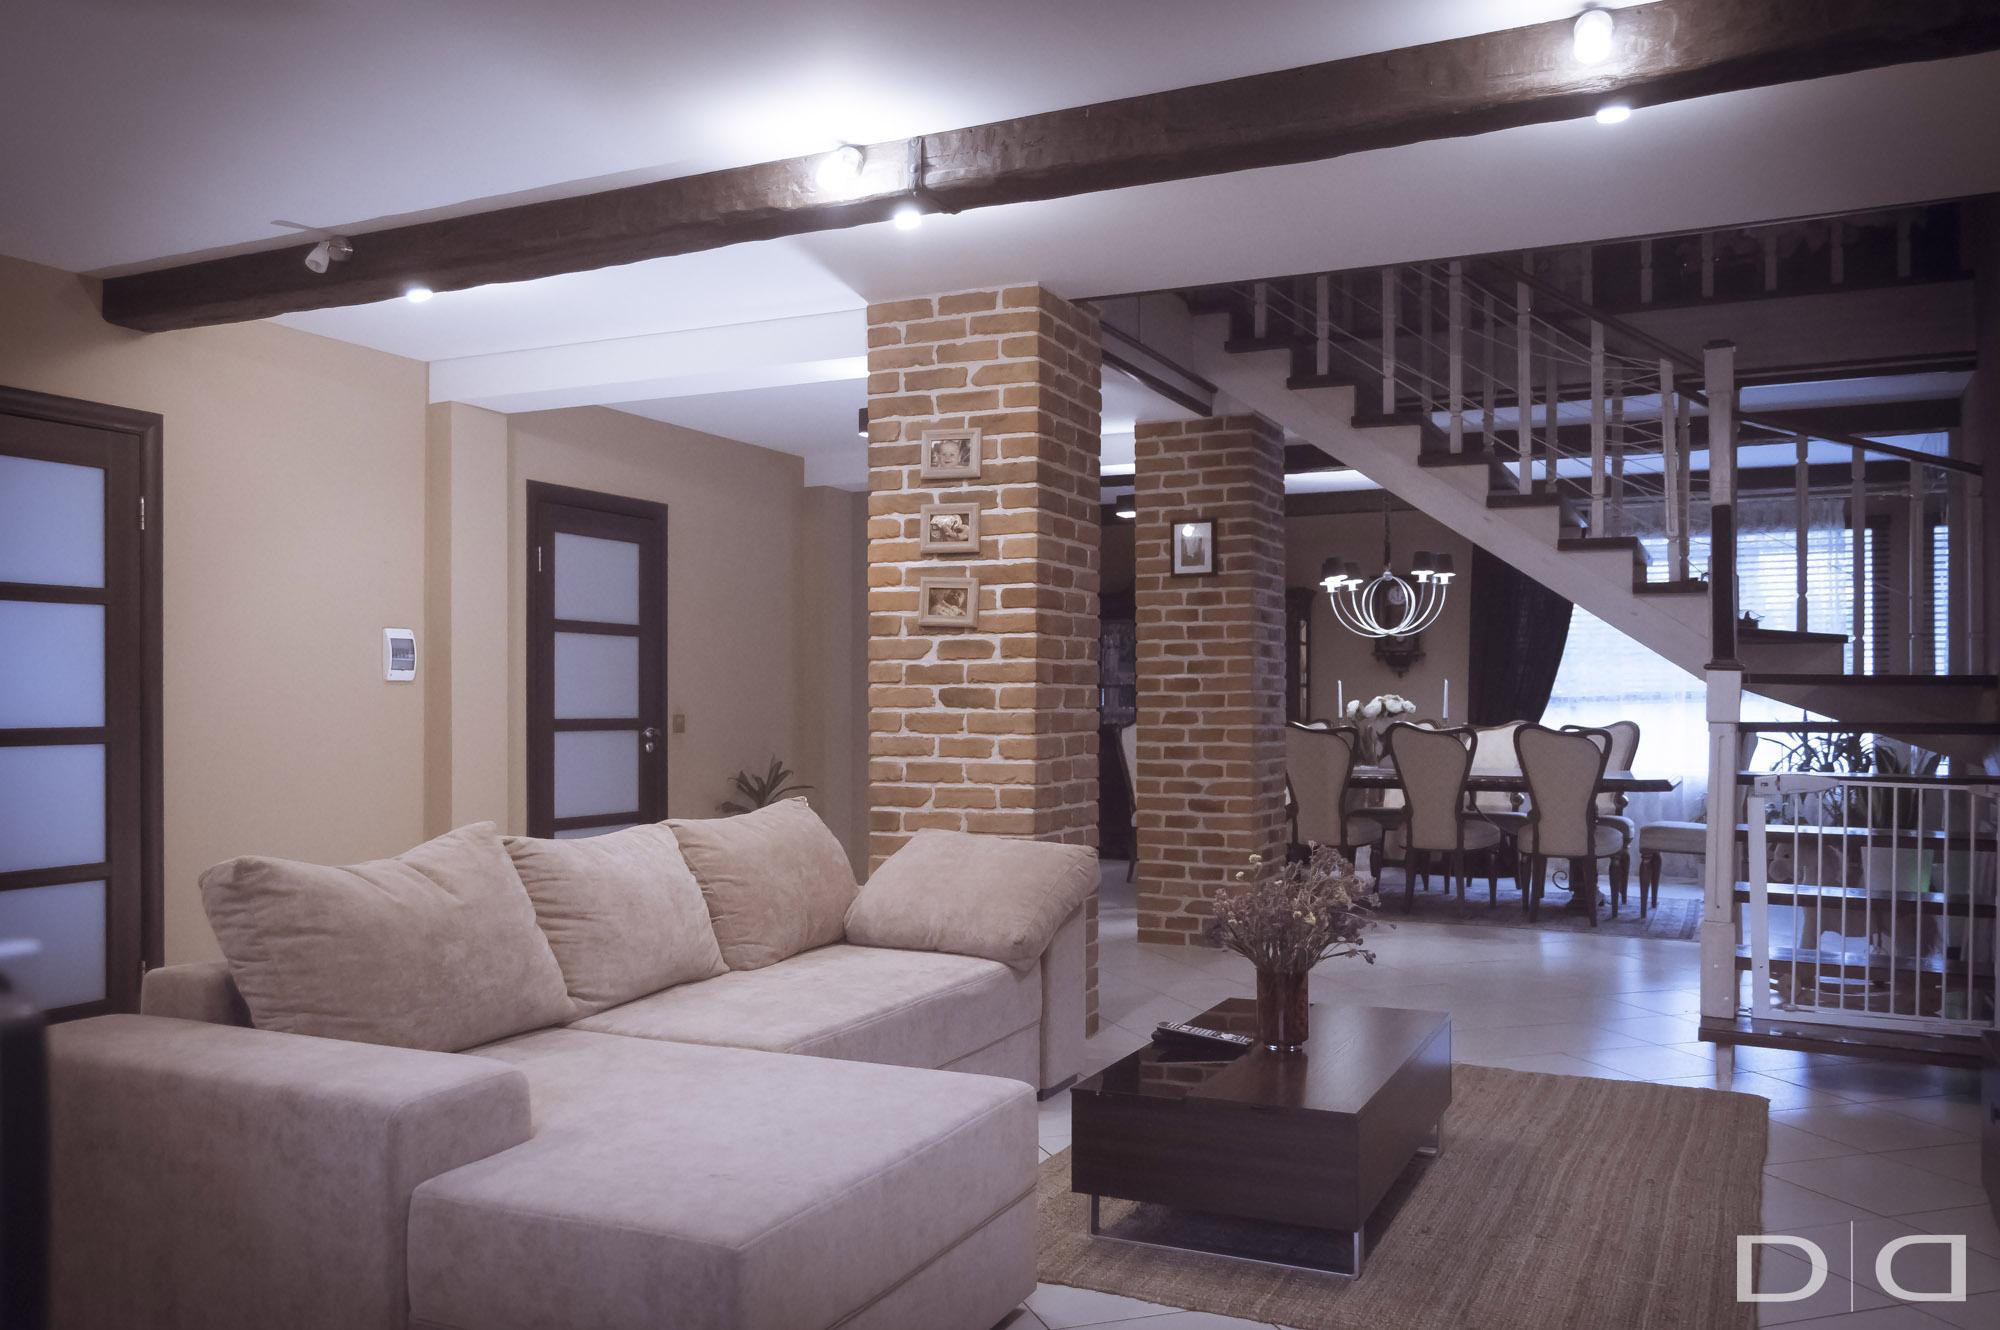 025_dd-interior_studio_design_project_minsk_009-9